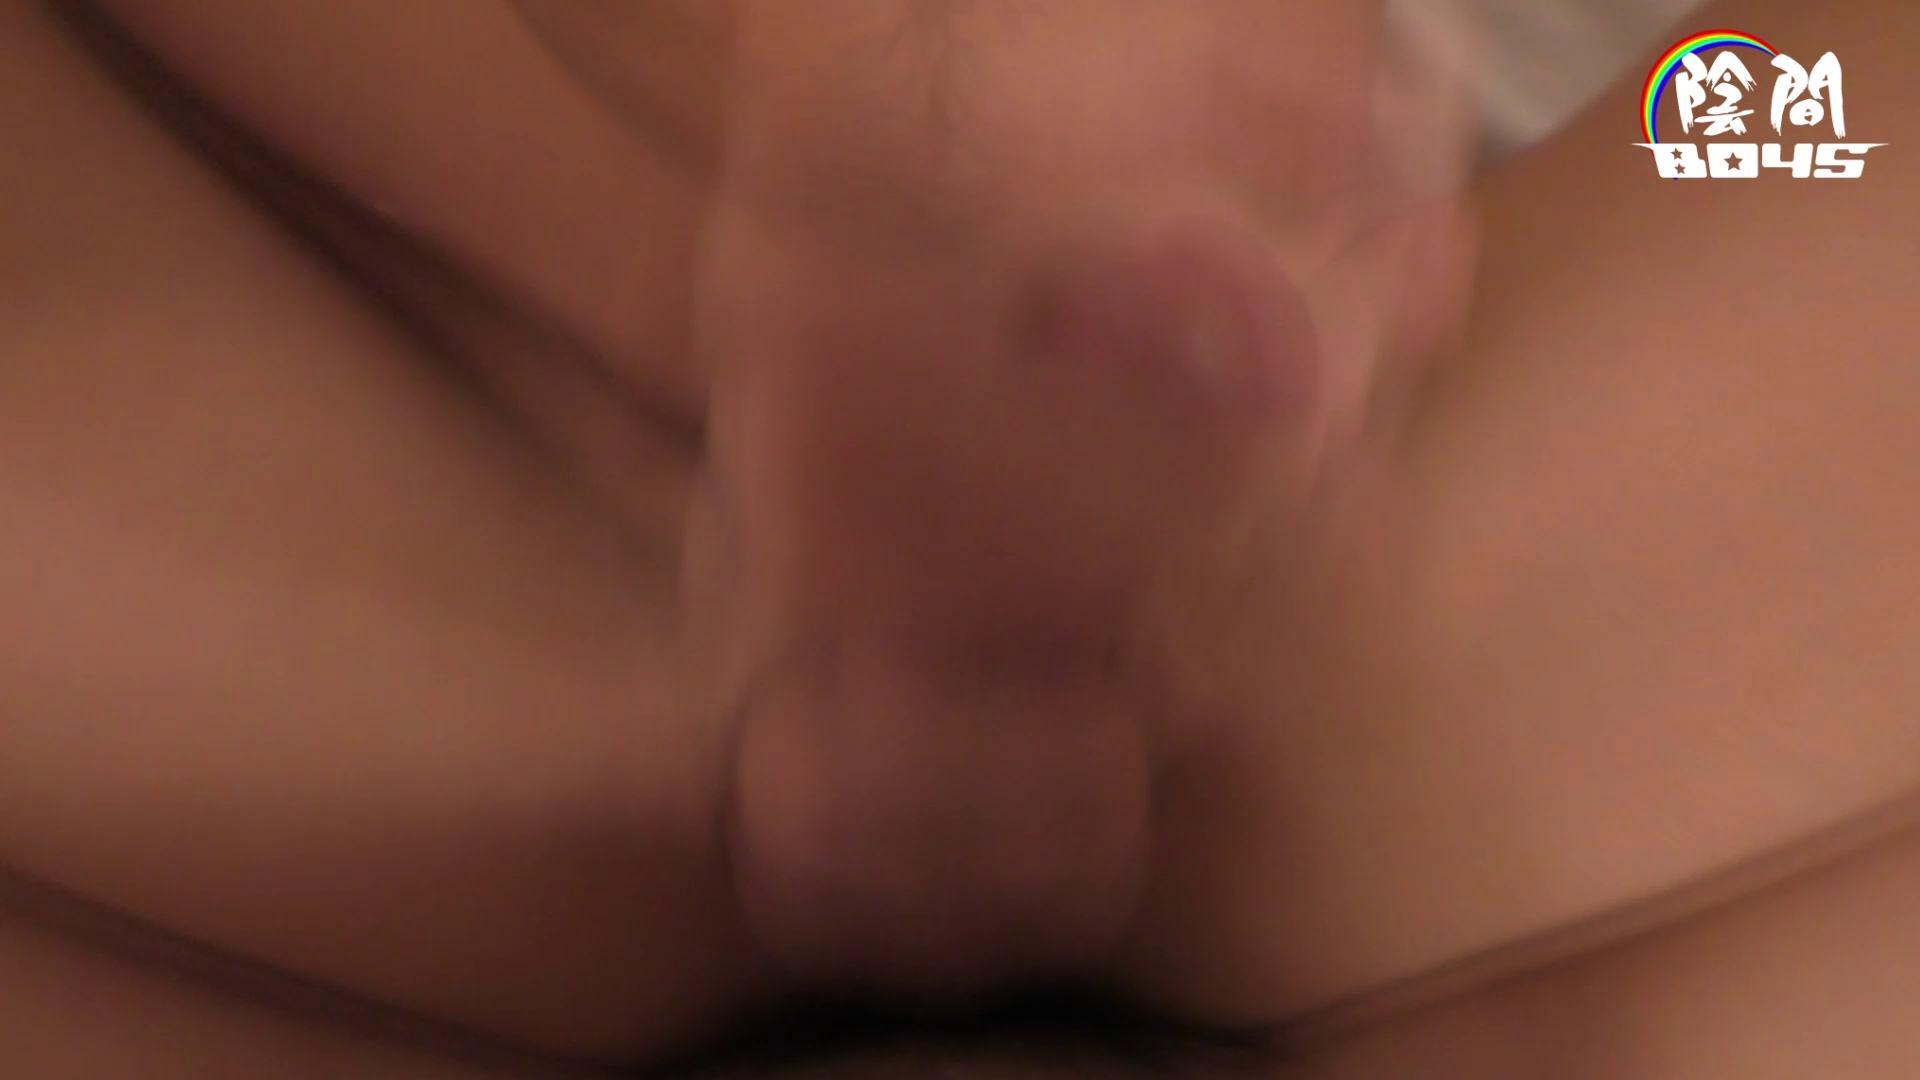 「君のアナルは」part1 ~ノンケの掟破り~Vol.10 風呂天国 ゲイエロ画像 102枚 51